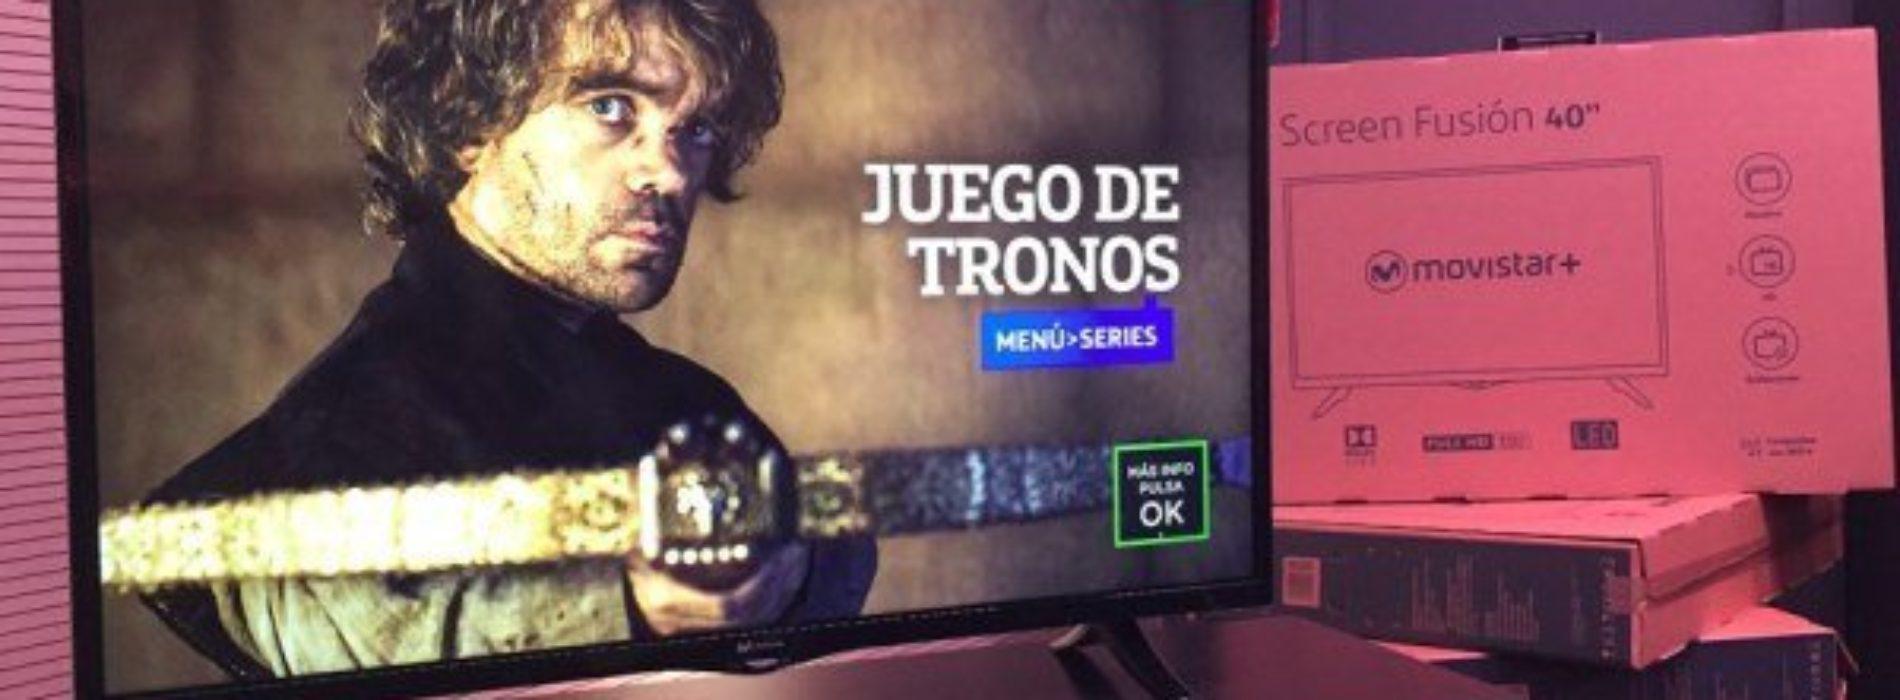 Screen Fusion TV con decodificador incorporado